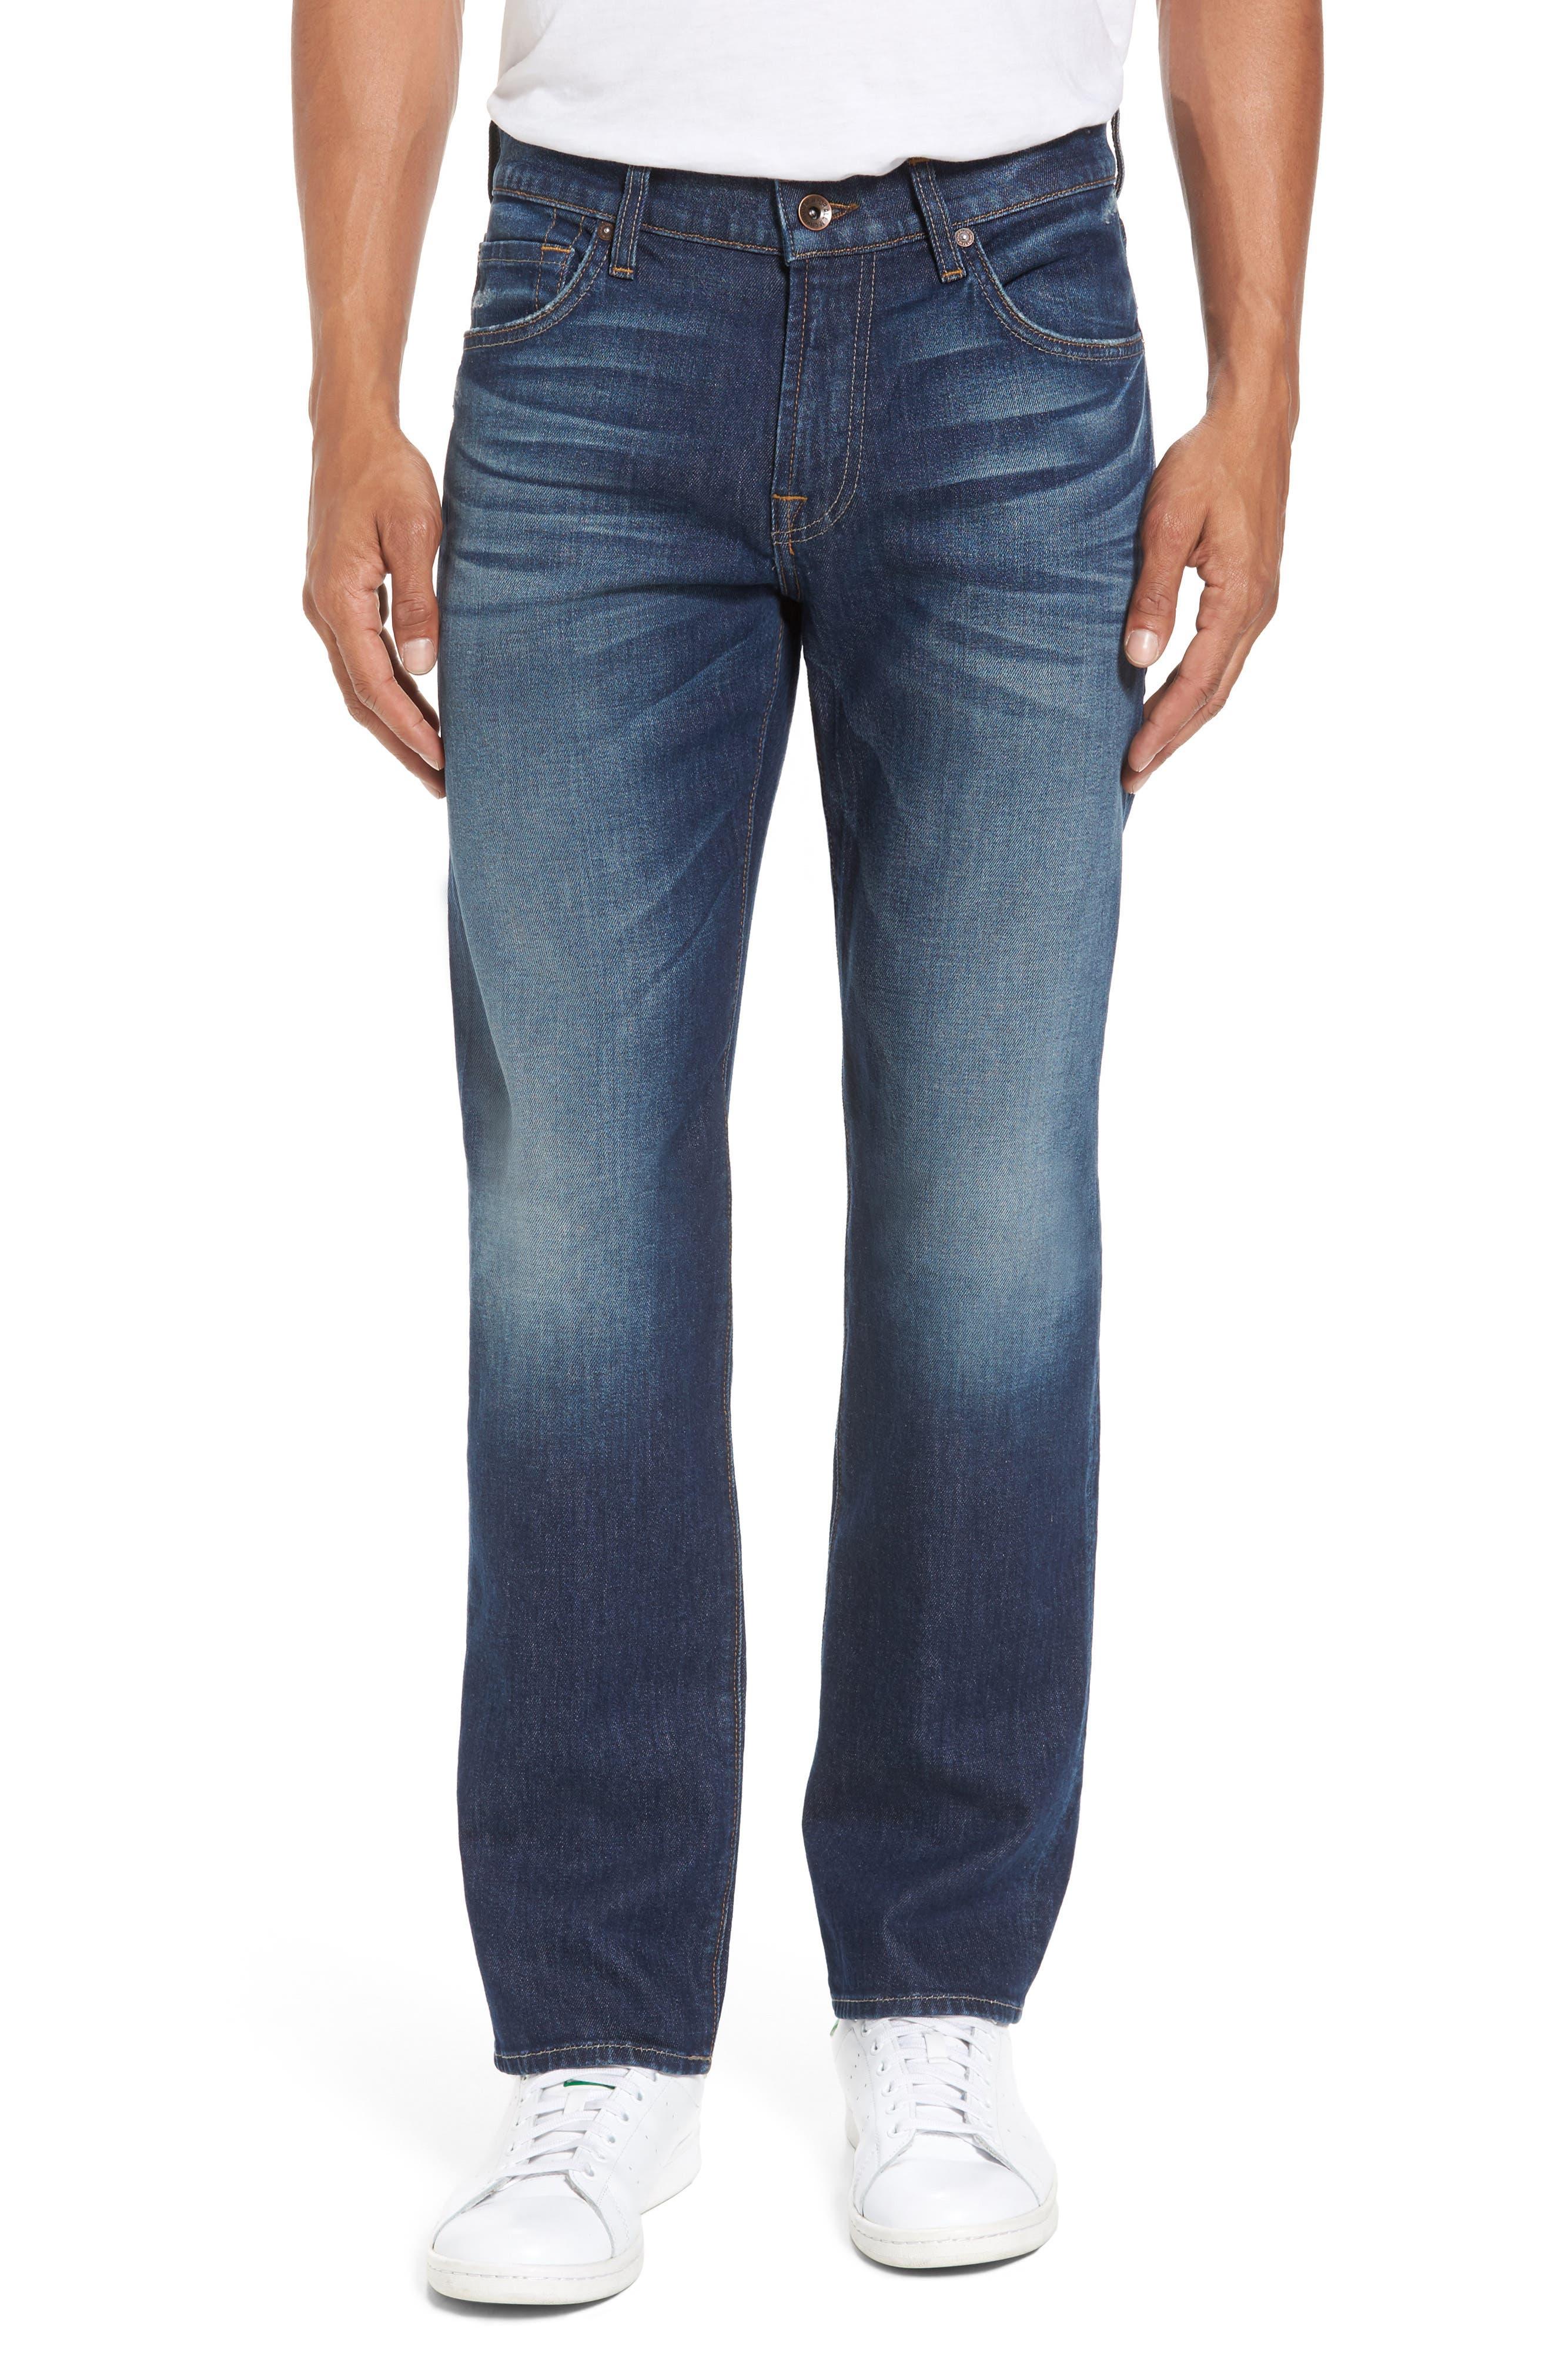 Slimmy Slim Fit Jeans,                         Main,                         color, Venture